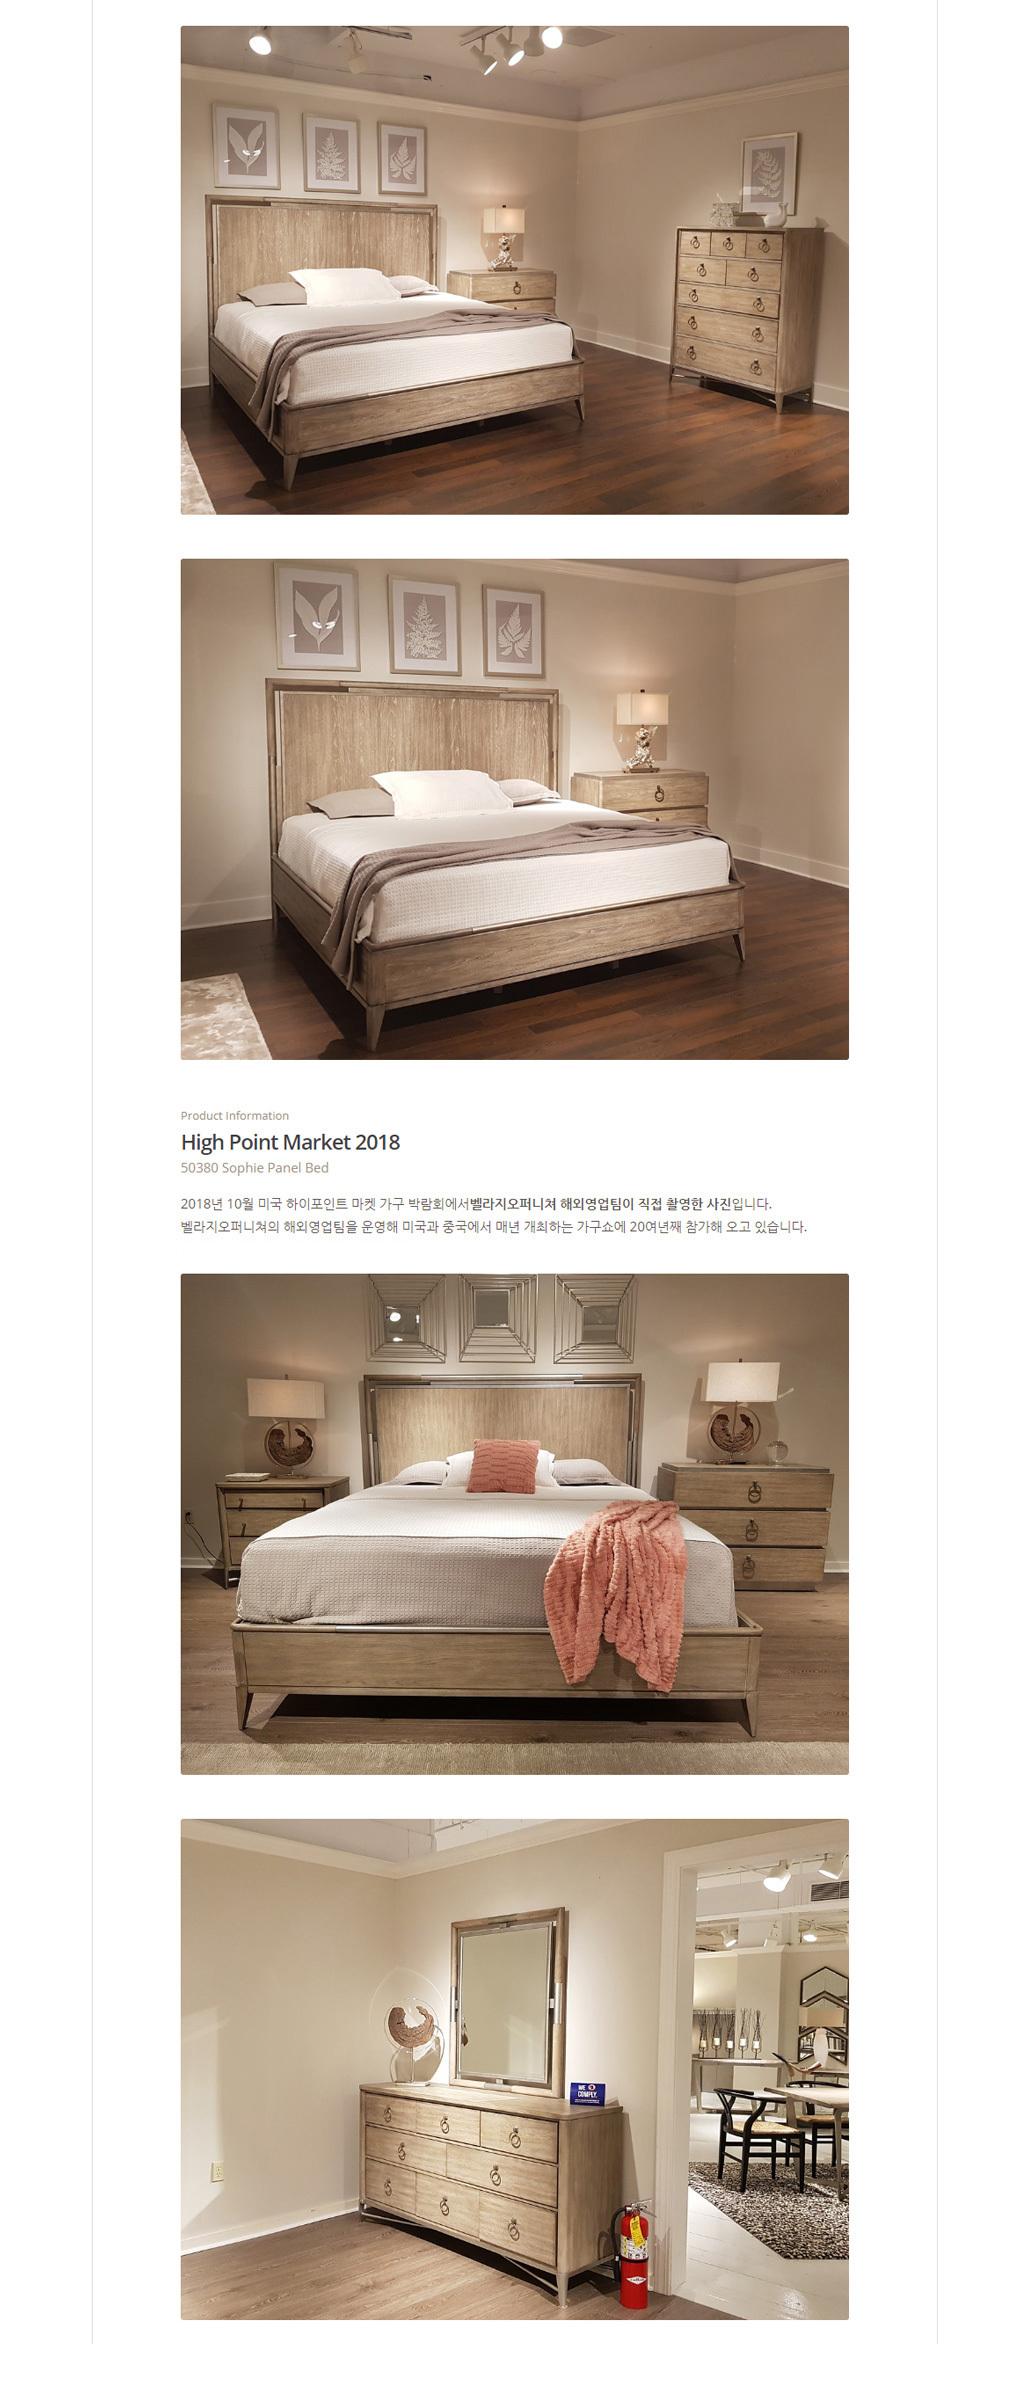 50380_sophie_bed_08.jpg